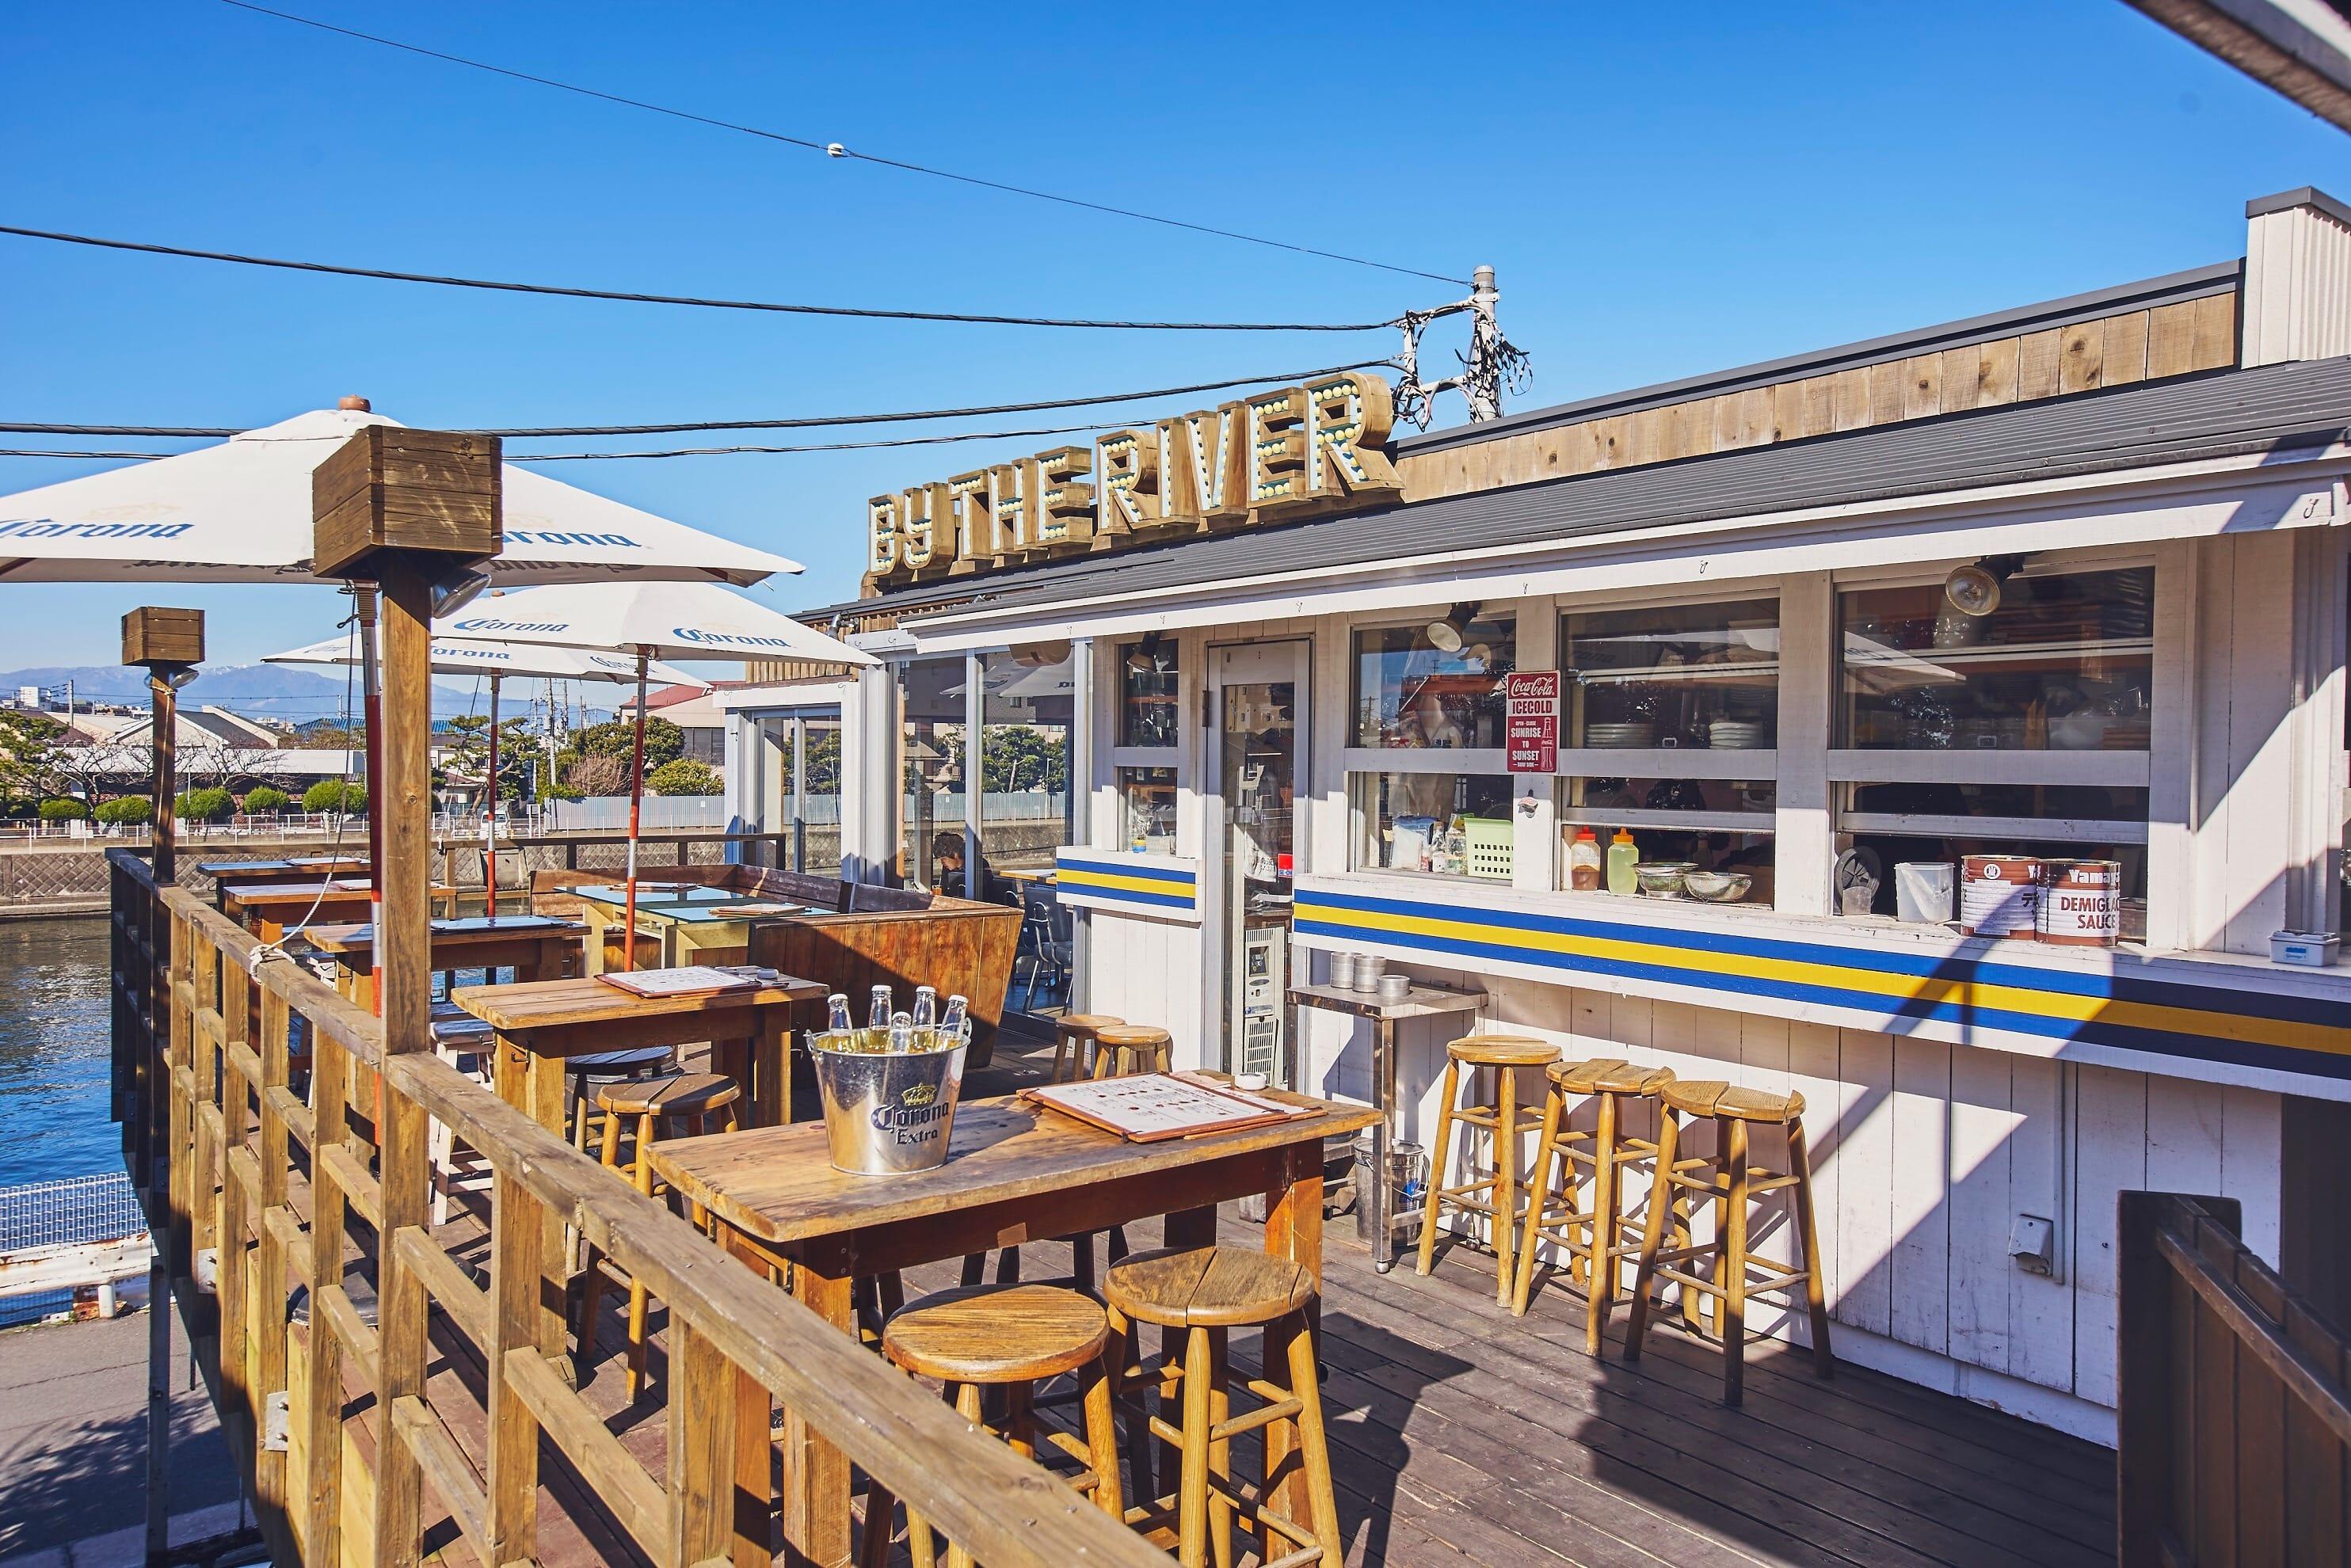 春天的海邊最棒了!東京近郊神奈川縣內 ⋯⋯「#海洋派」必推咖啡廳☕️🍮🍰3選